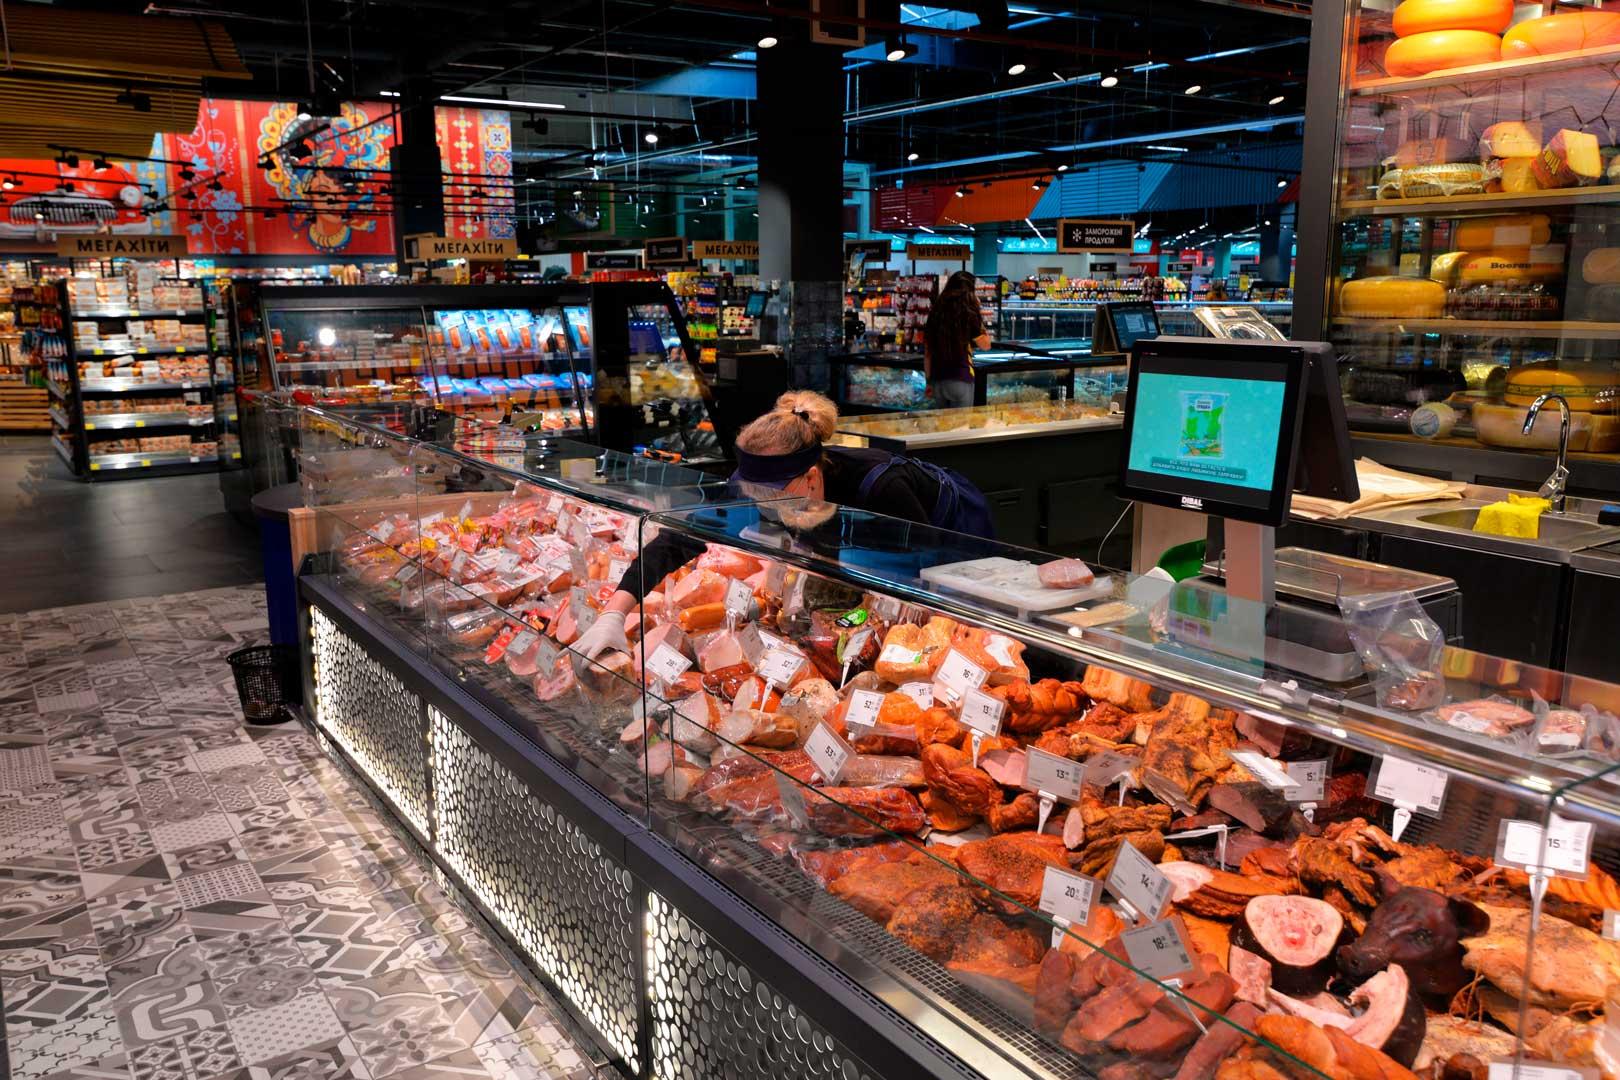 """Kuhlvitrinen Missouri MC 120 deli OS M, Supermarkt """"Epicentr"""" Kiew"""